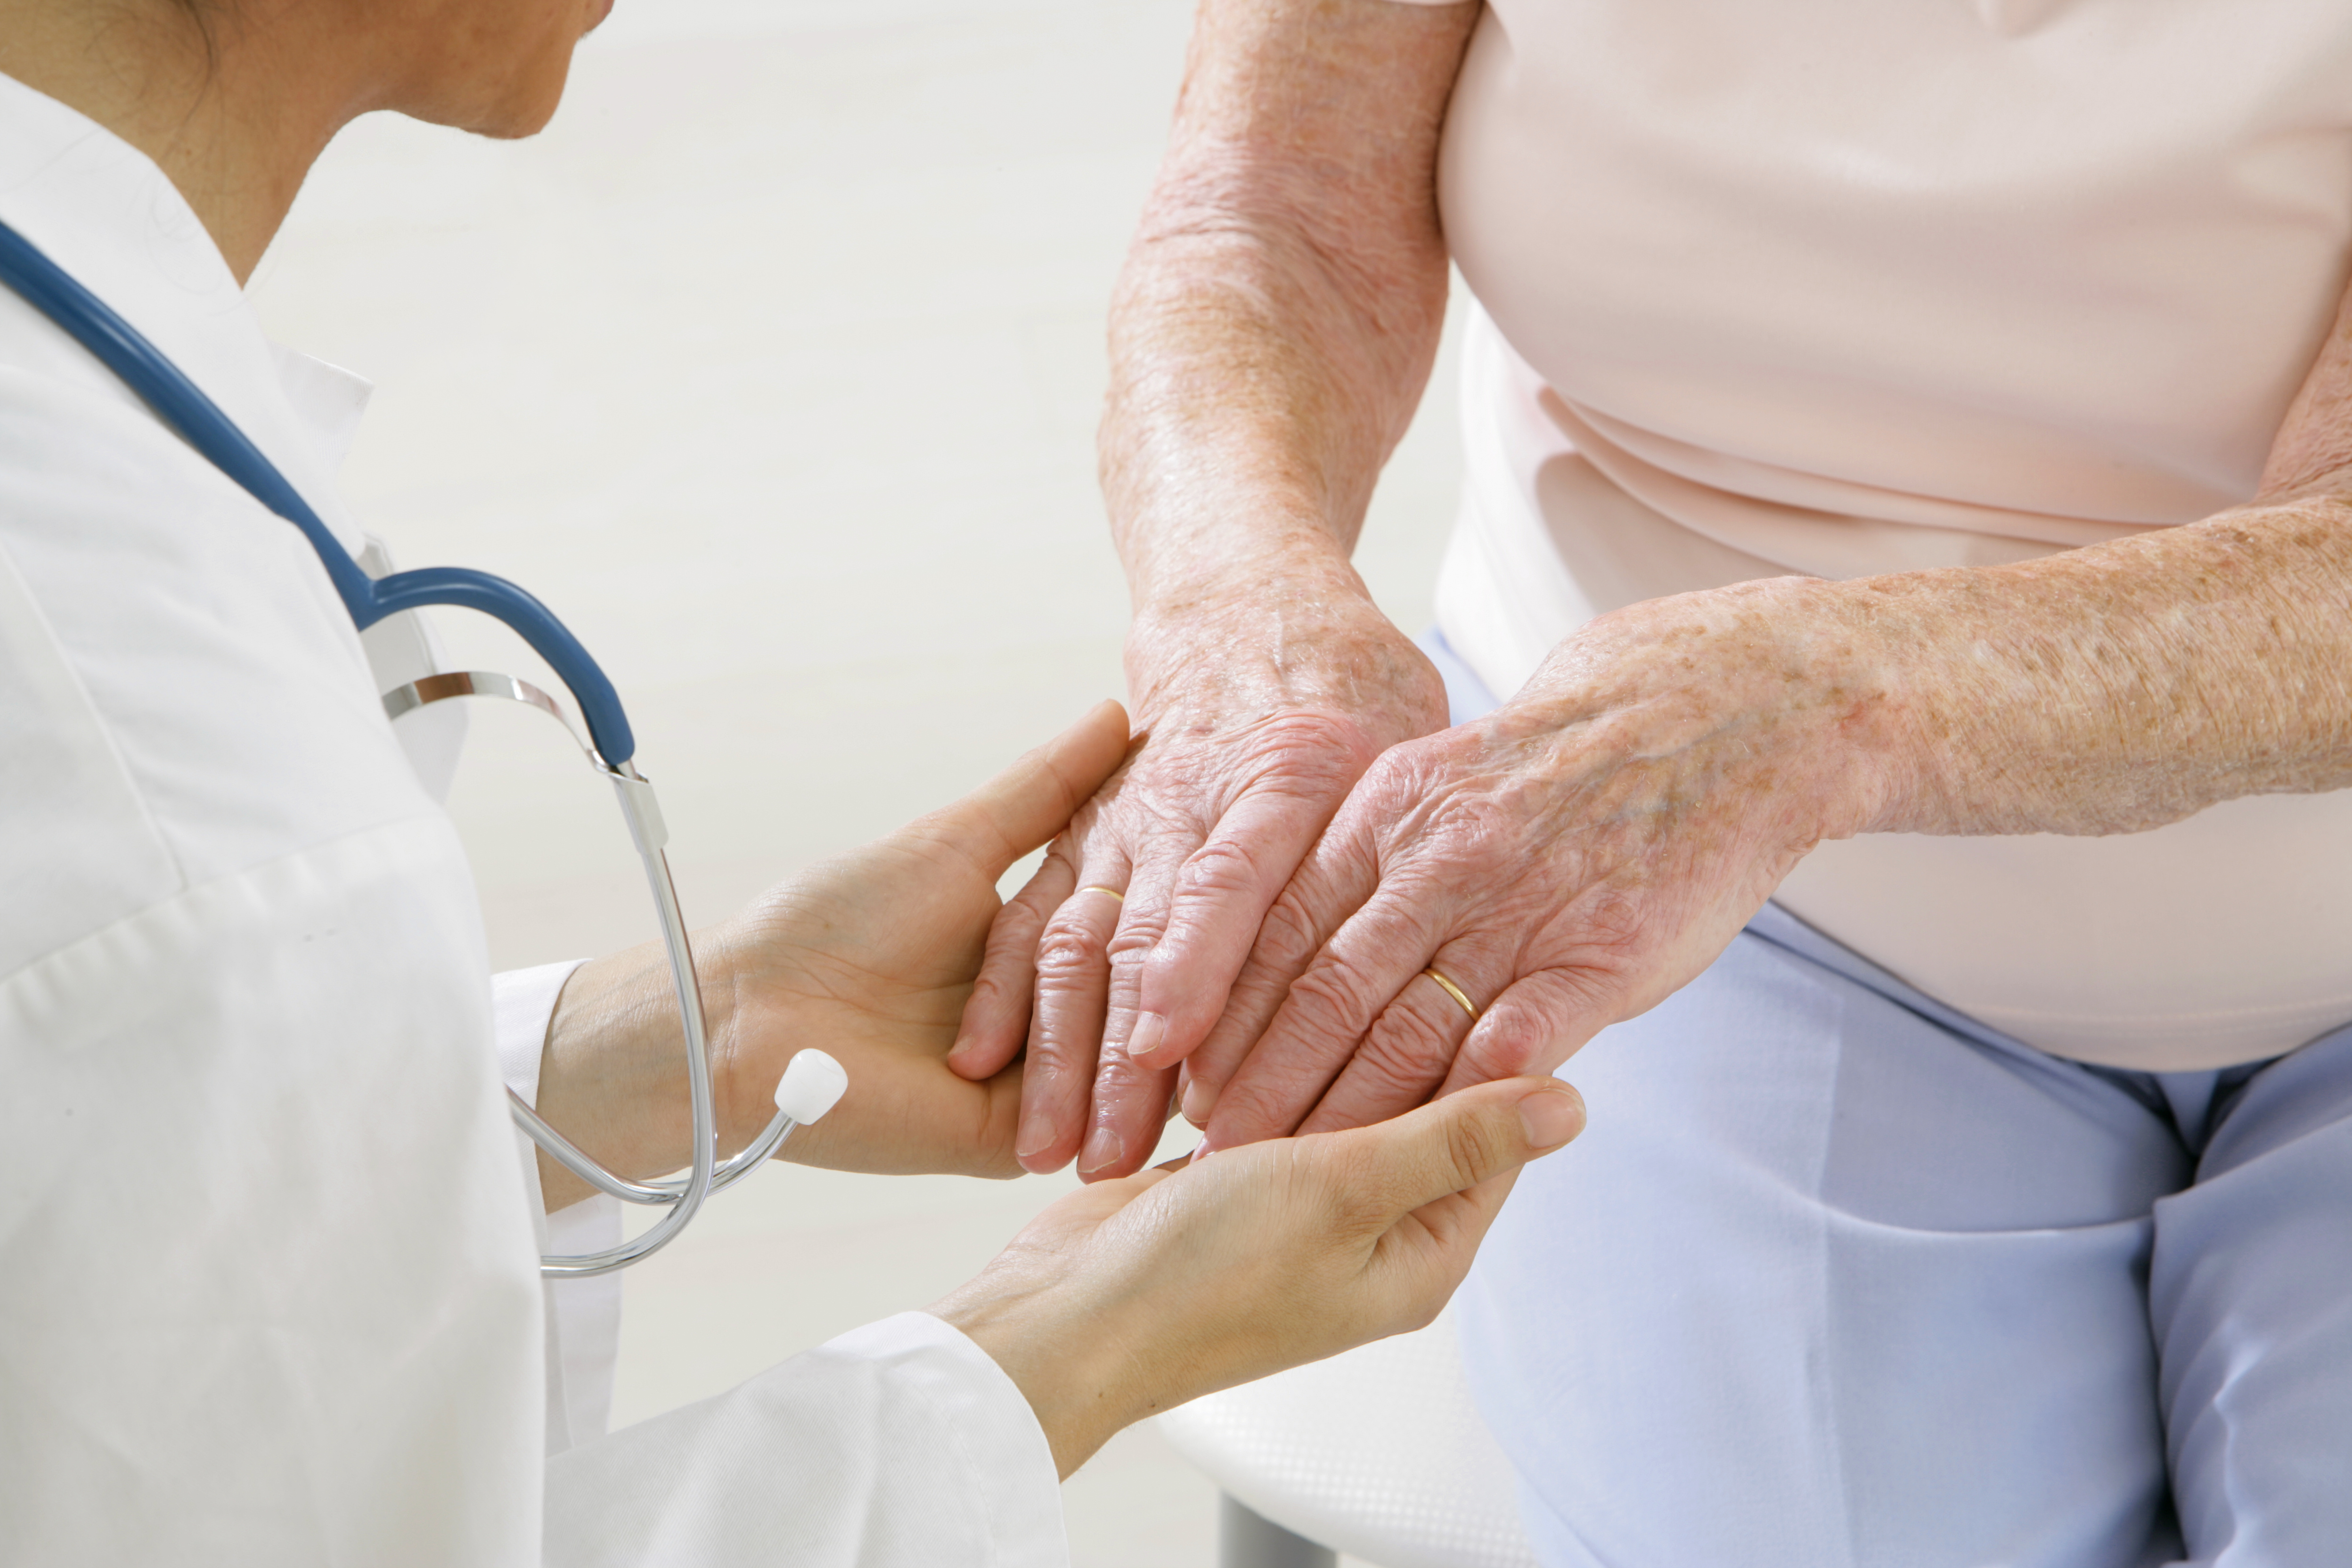 La coexistence fréquente arthrose et maladie de Parkinson induit un risque très accru de chute (Visuel Adobe stock 37681745)